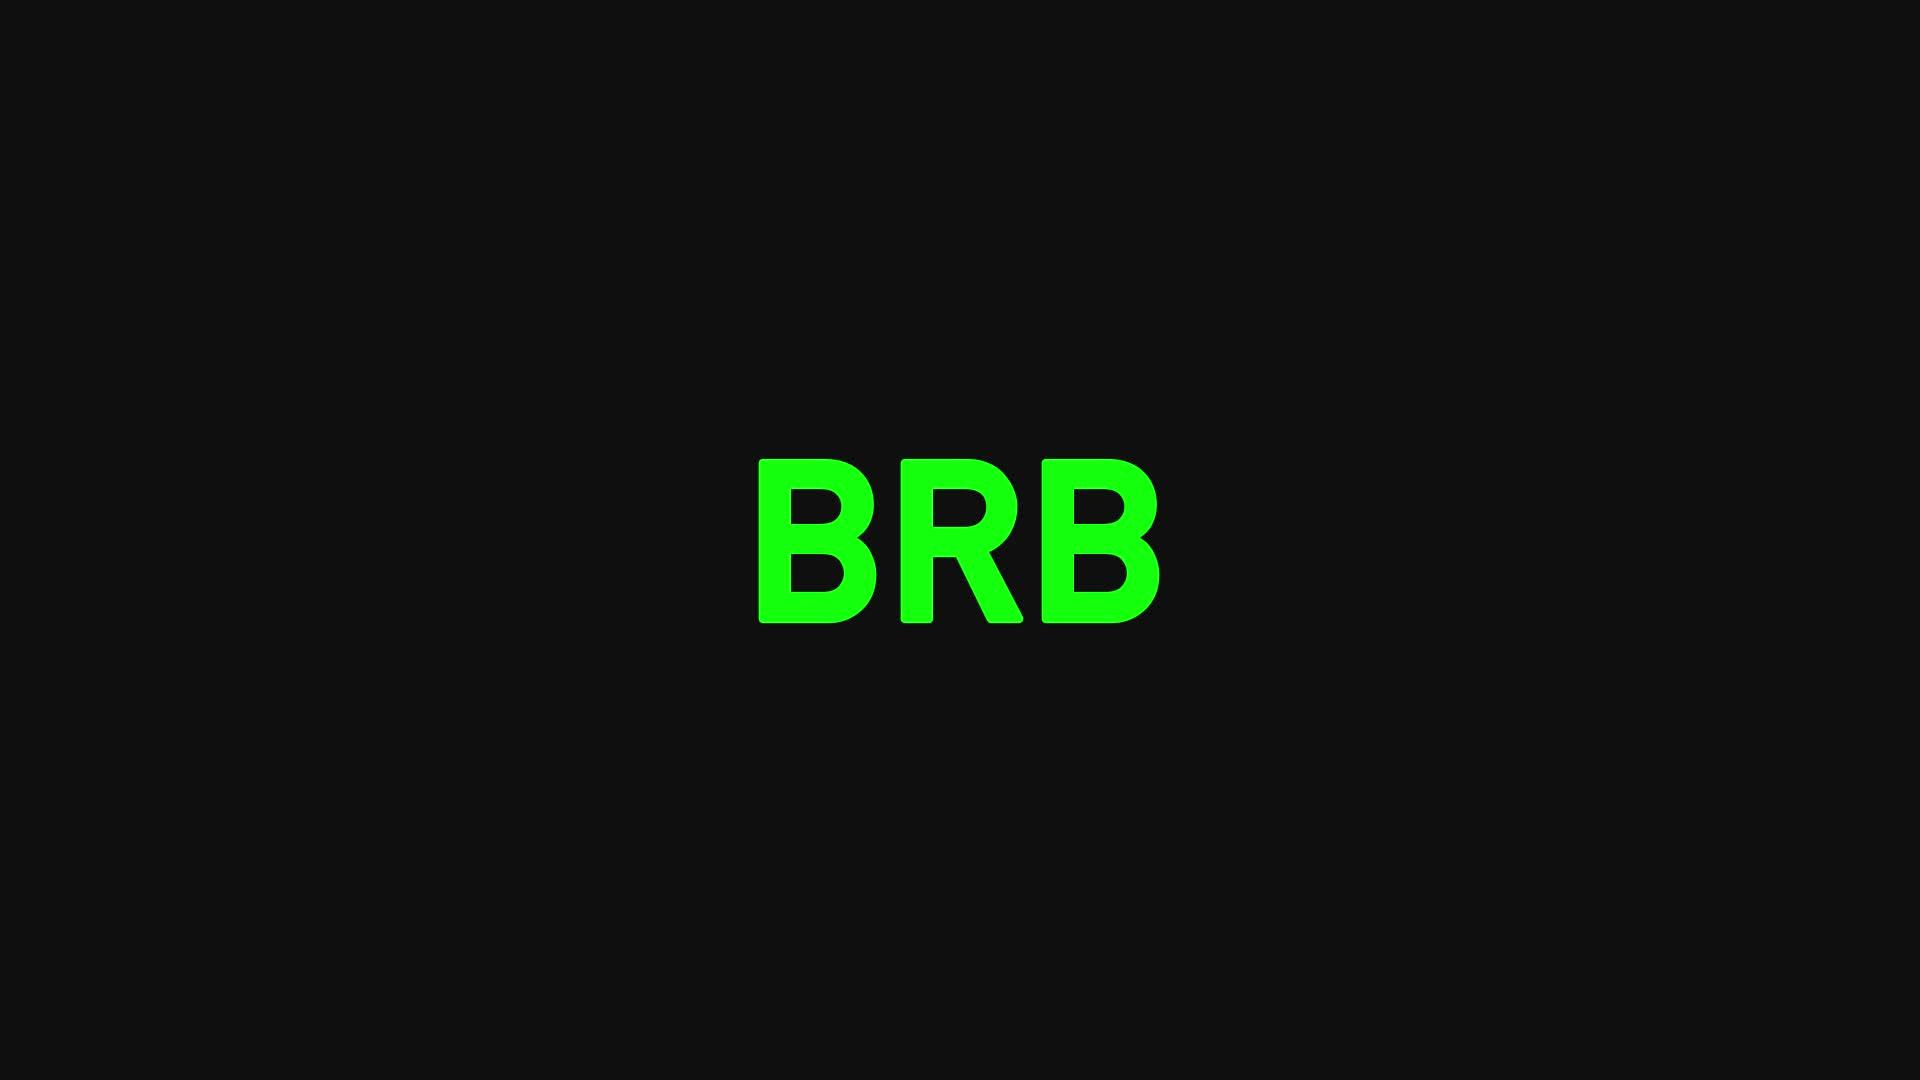 BRB GIFs